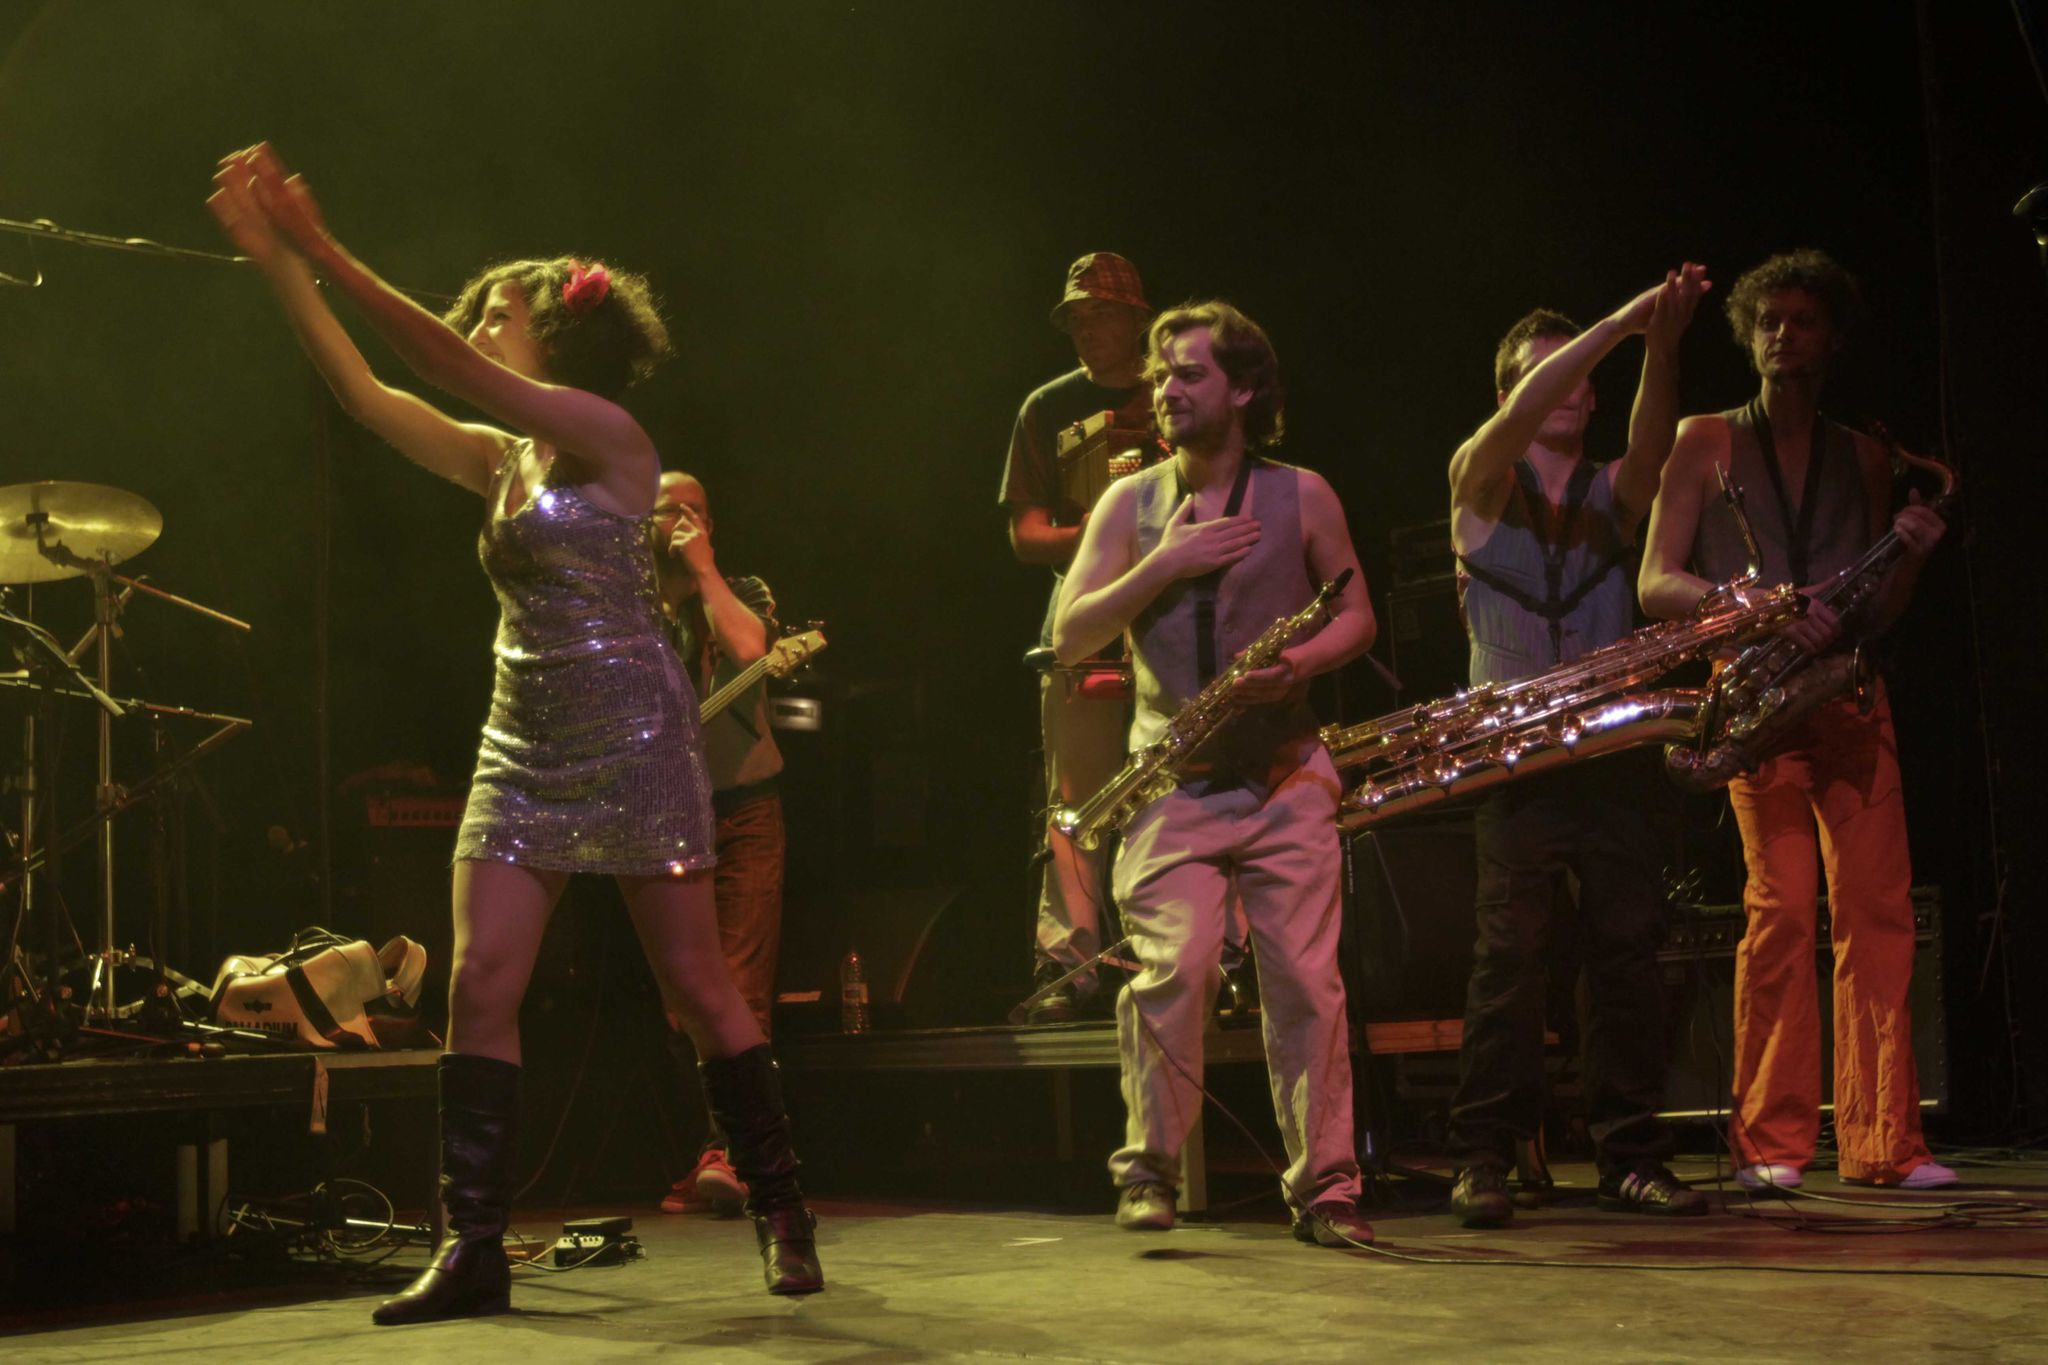 AfroWildZombies-Tour2Chauffe-LesArcades-2012-90